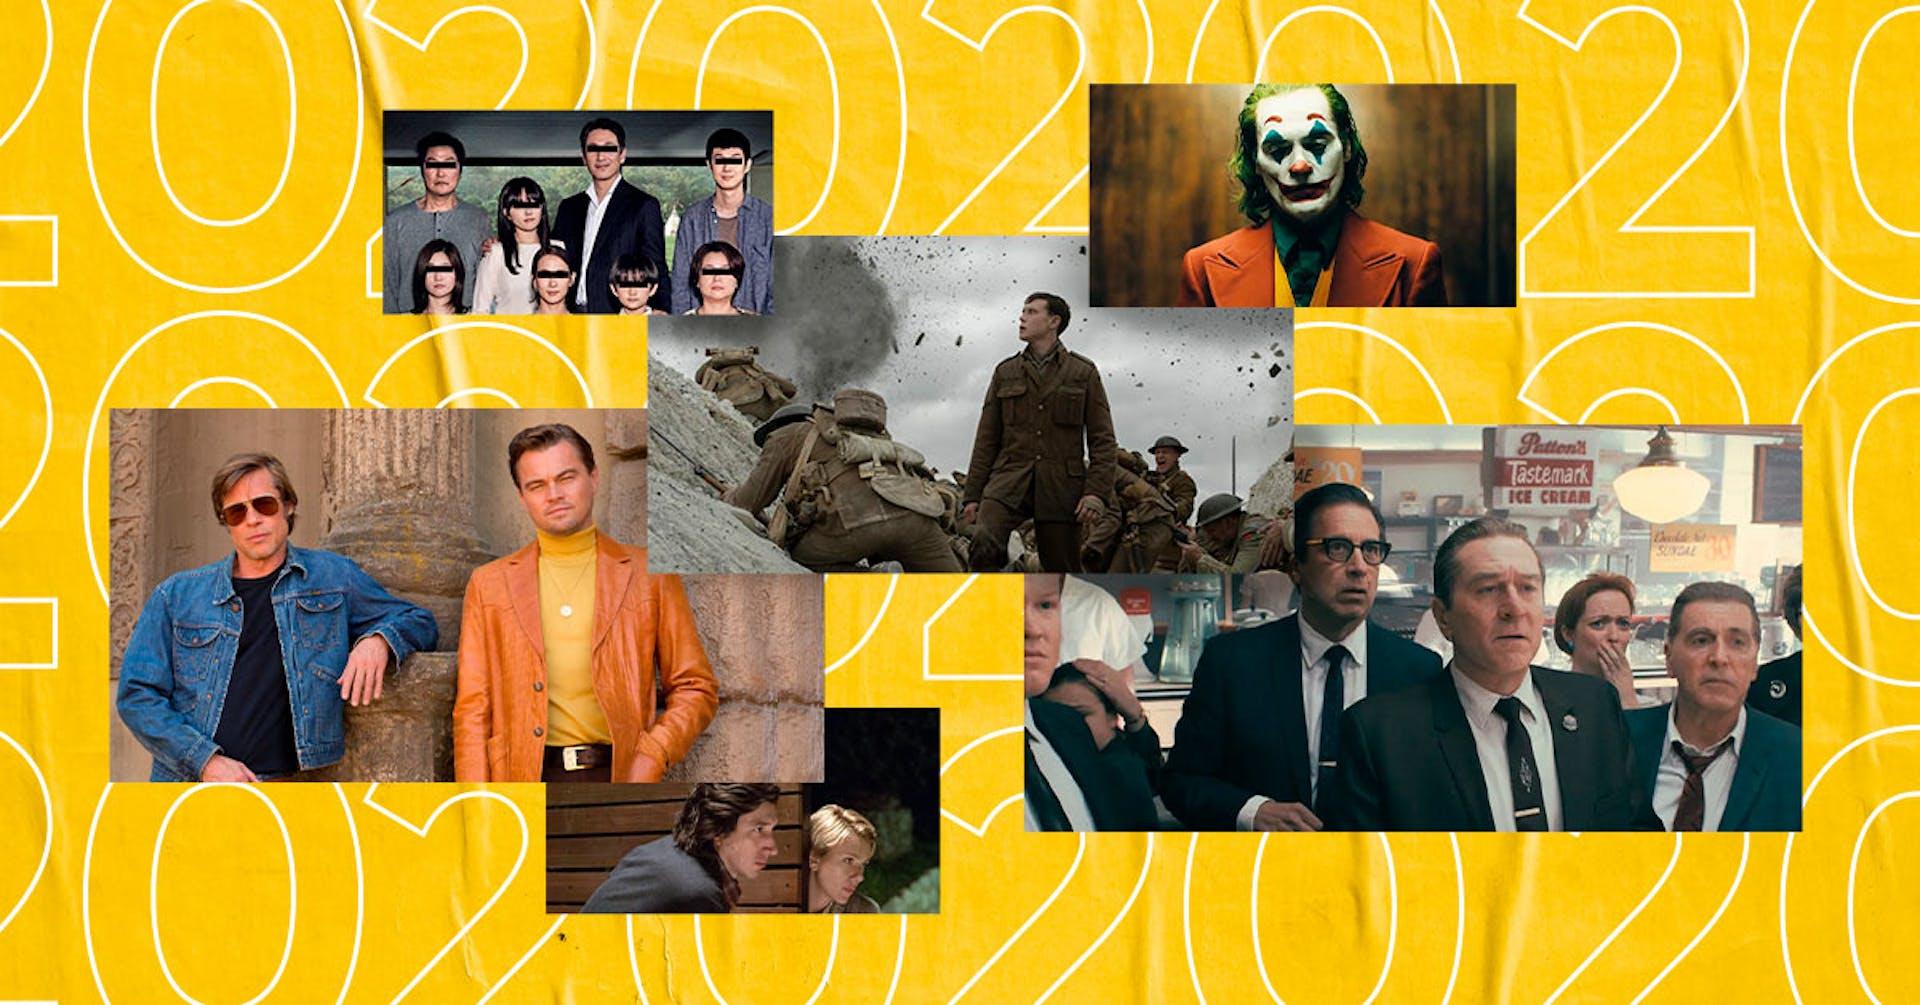 Predicciones de los Oscar 2020